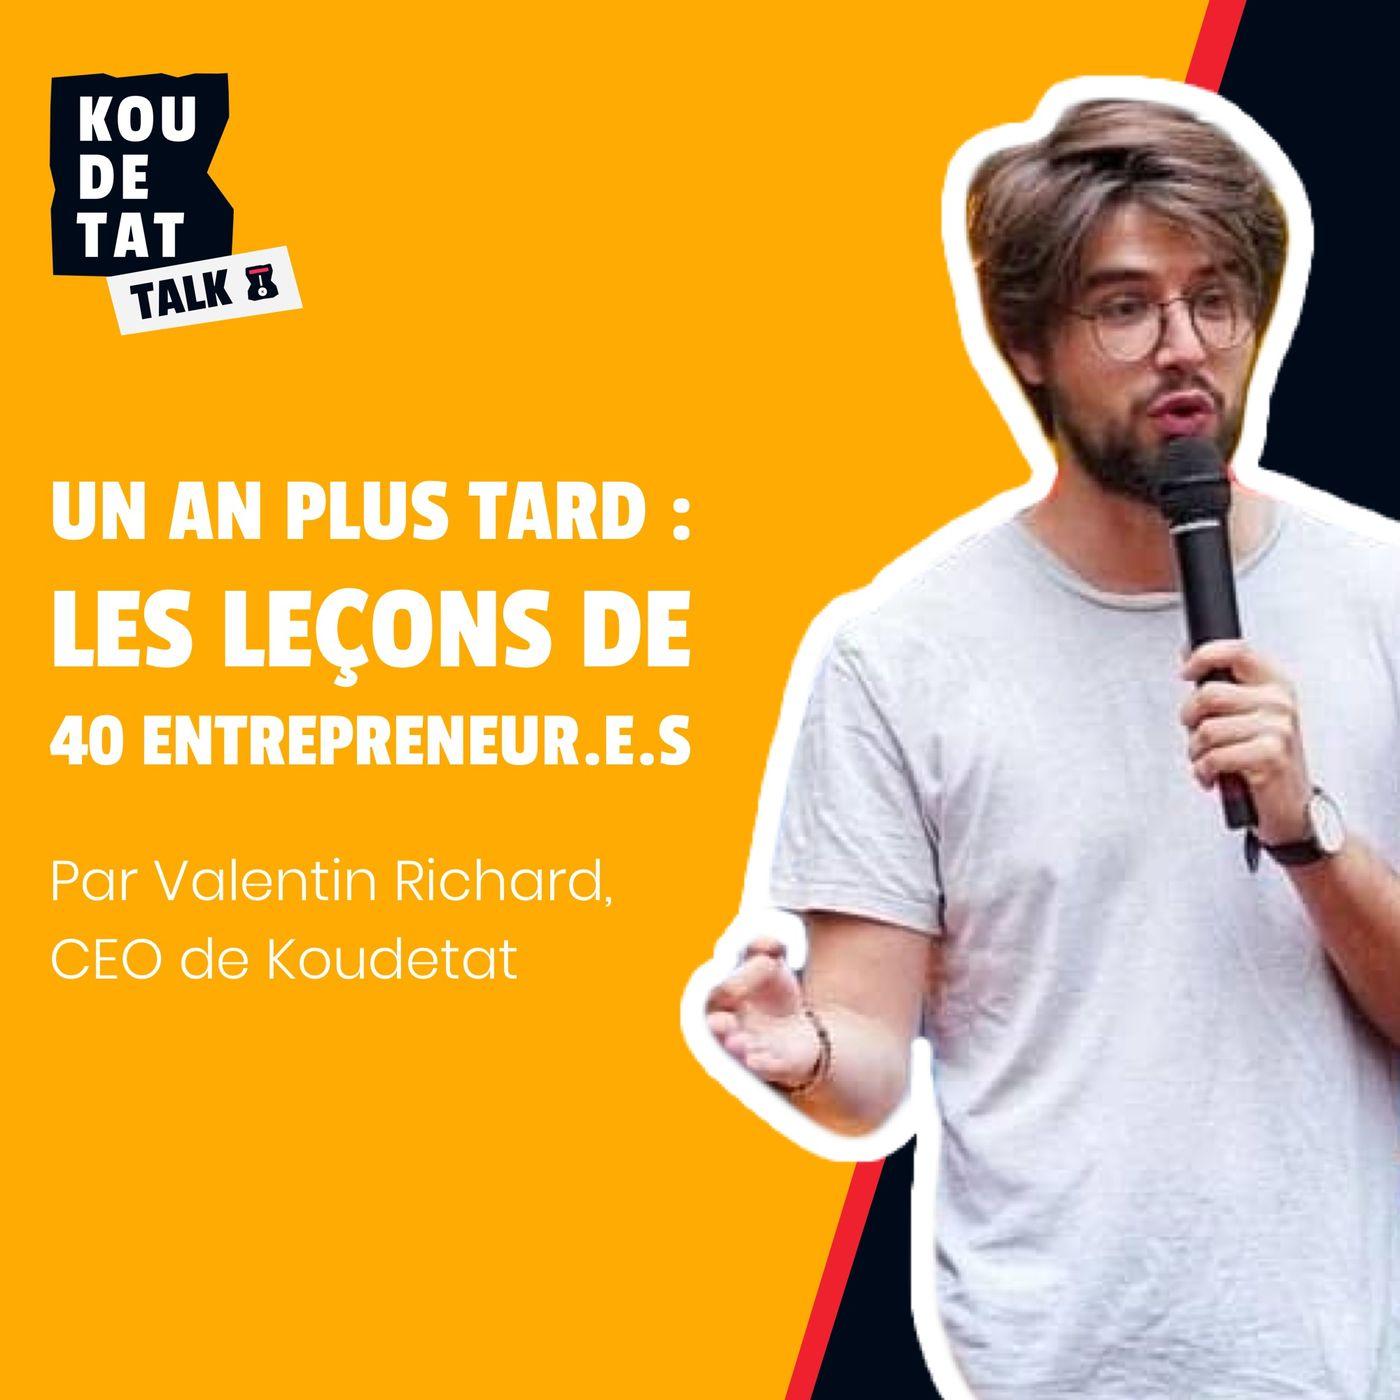 Koudetat Talks : un an plus tard - Leçons apprises avec 40 entrepreneur.e.s, par Valentin Richard